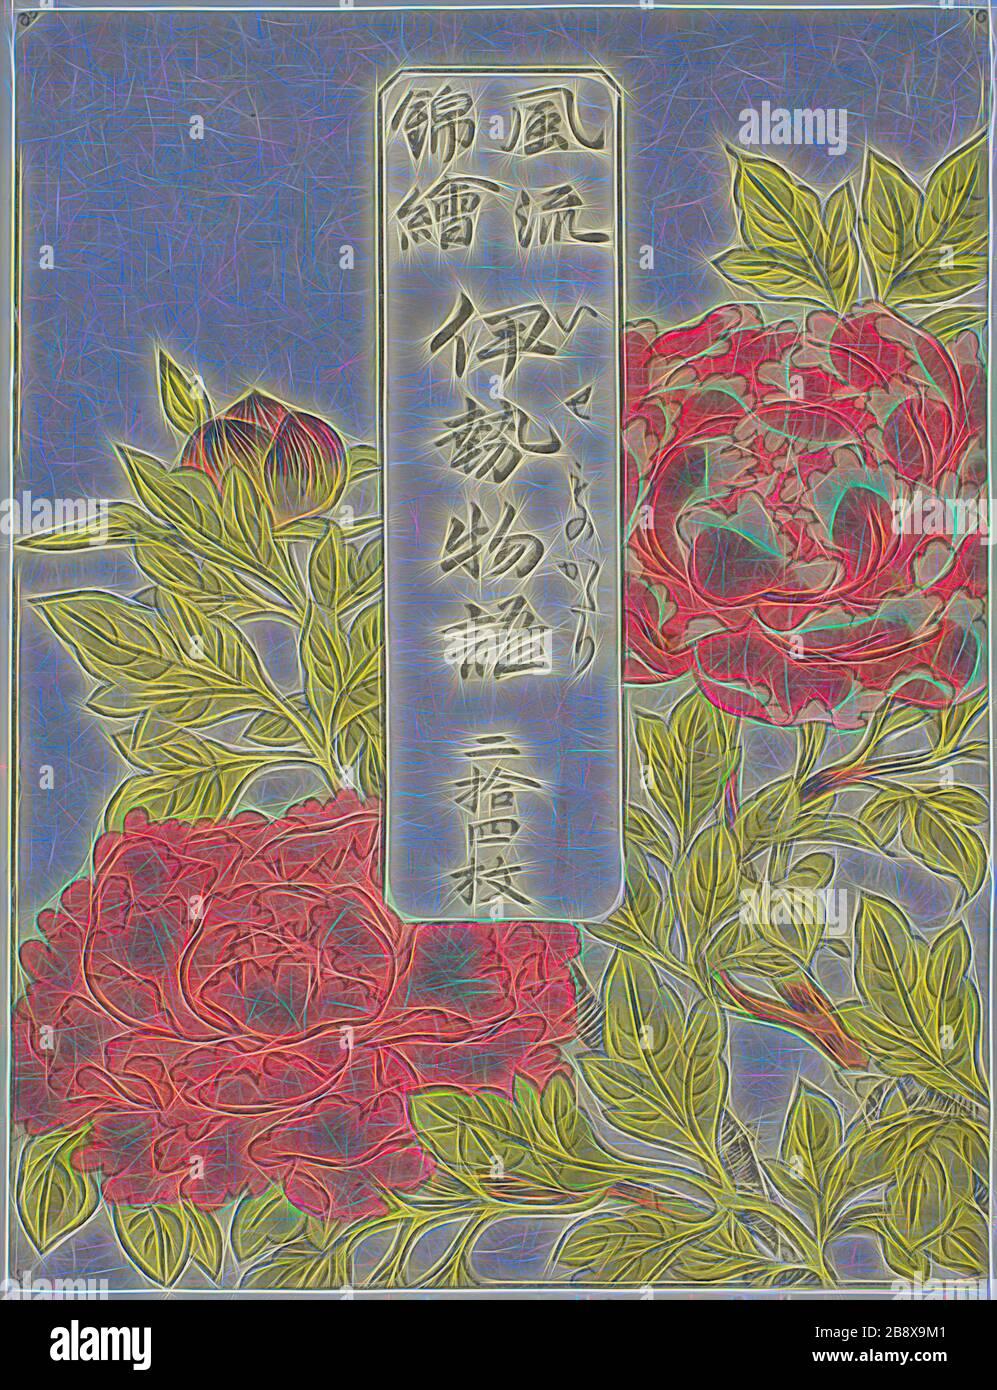 Enveloppeuse à imprimé couleur pour la série Furyu Nishiki-e ISE Monogatori, c. 1772/73, Katsukawa Shunsho ?? ??, Japonais, 1726-1792, Japon, impression couleur de blocs de bois, général : 63,5 x 40,8 cm (25 x 16 1/16 in.), image : 17,5 x 13,5 cm (6 7/8 x 5 5/16 in.), repensée par Gibon, design de brillant gai chaud de luminosité et de rayonnement de lumière. L'art classique réinventé avec une touche moderne. La photographie inspirée du futurisme, qui embrasse l'énergie dynamique de la technologie moderne, du mouvement, de la vitesse et révolutionne la culture. Banque D'Images